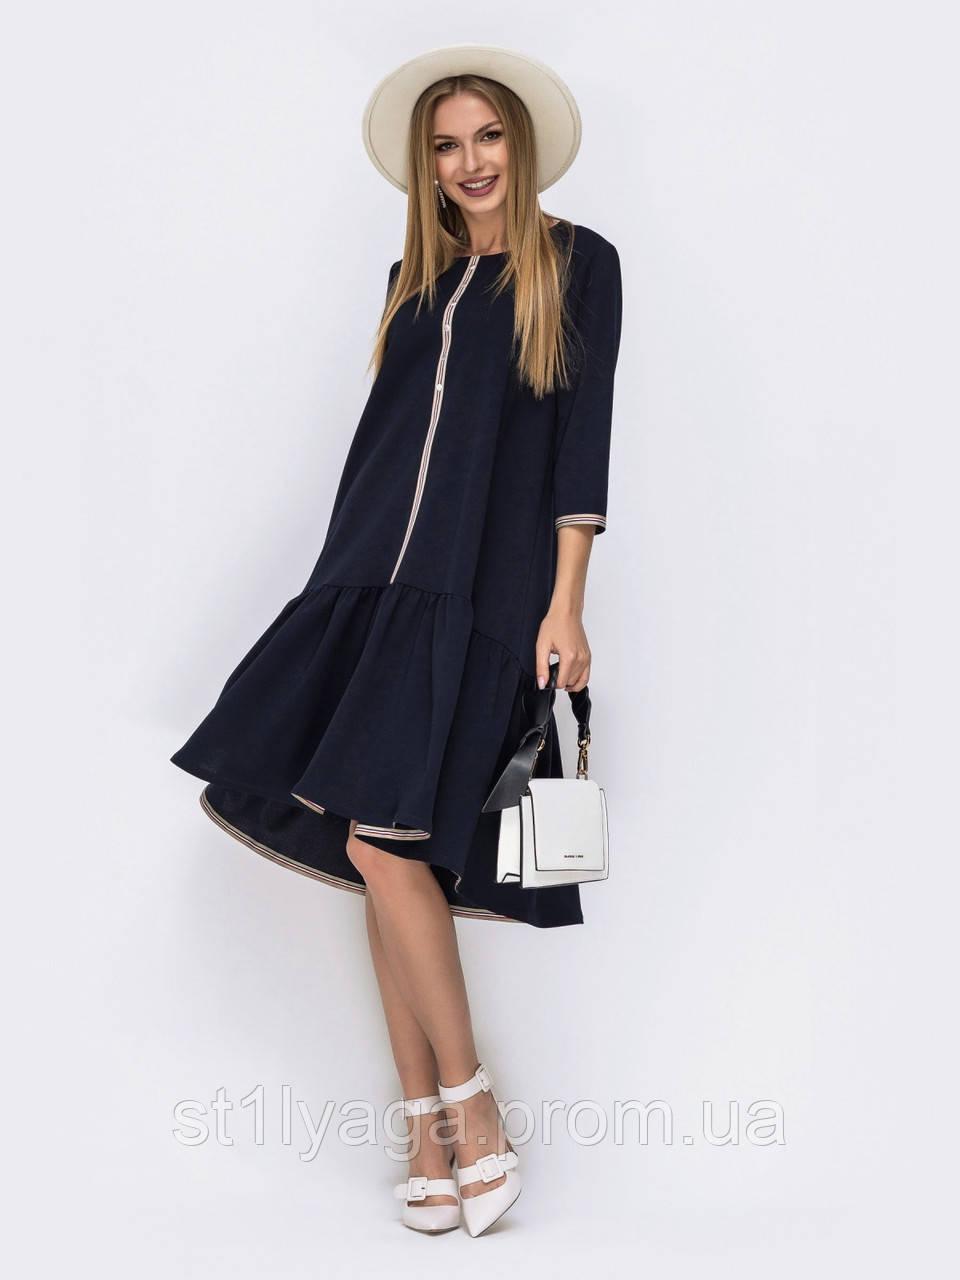 Сукня трапеція з з руквавом три чверті і подовженою спинкою